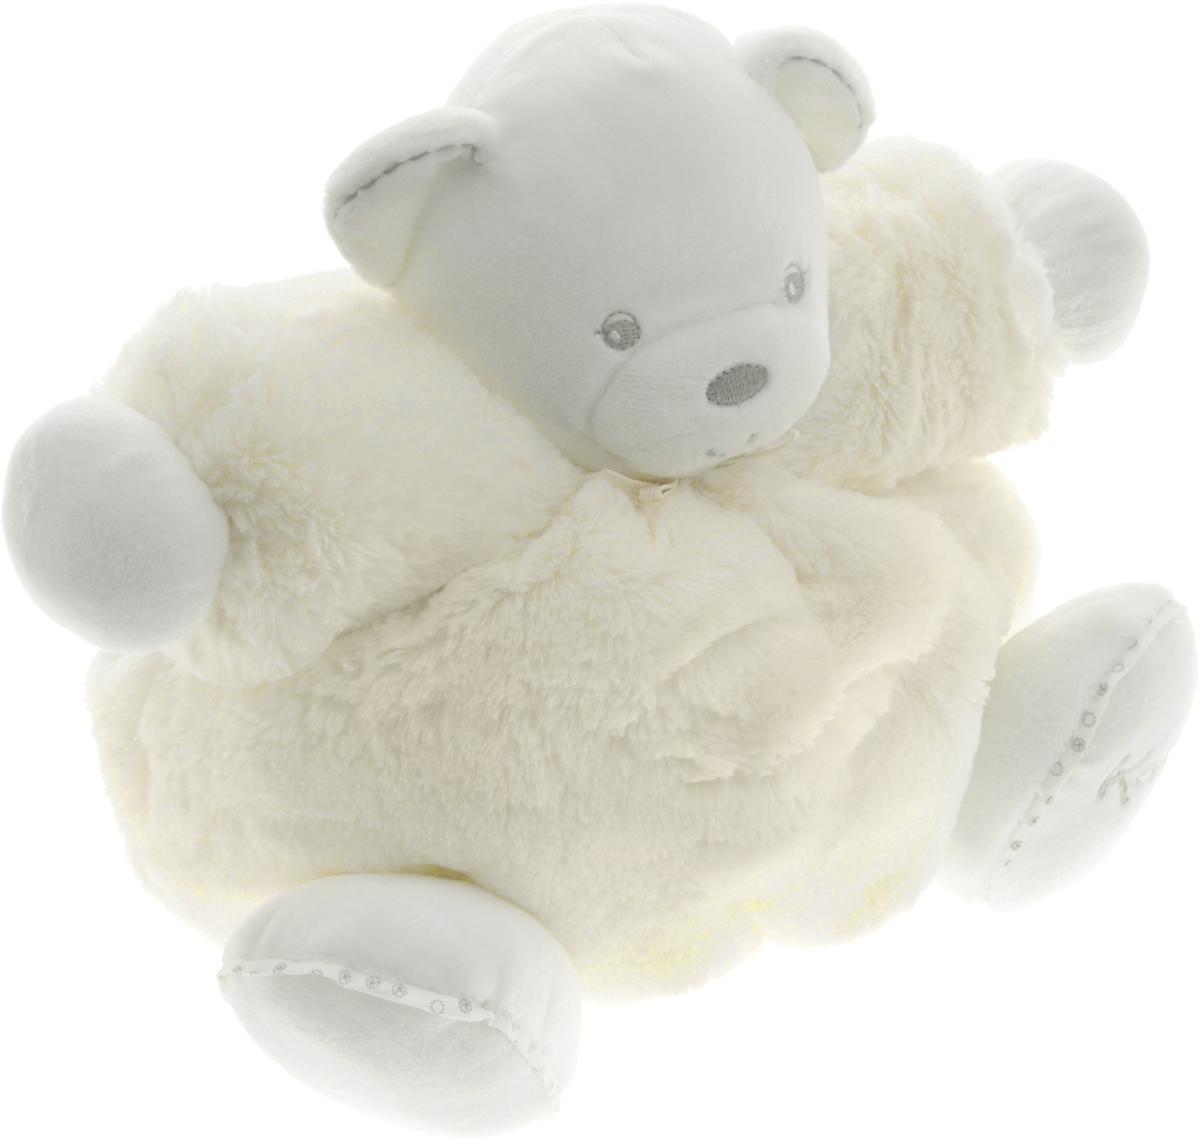 Kaloo Мягкая игрушка Мишка цвет кремовый 22 см мягкие игрушки kaloo овечка 45 см коллекция друзья